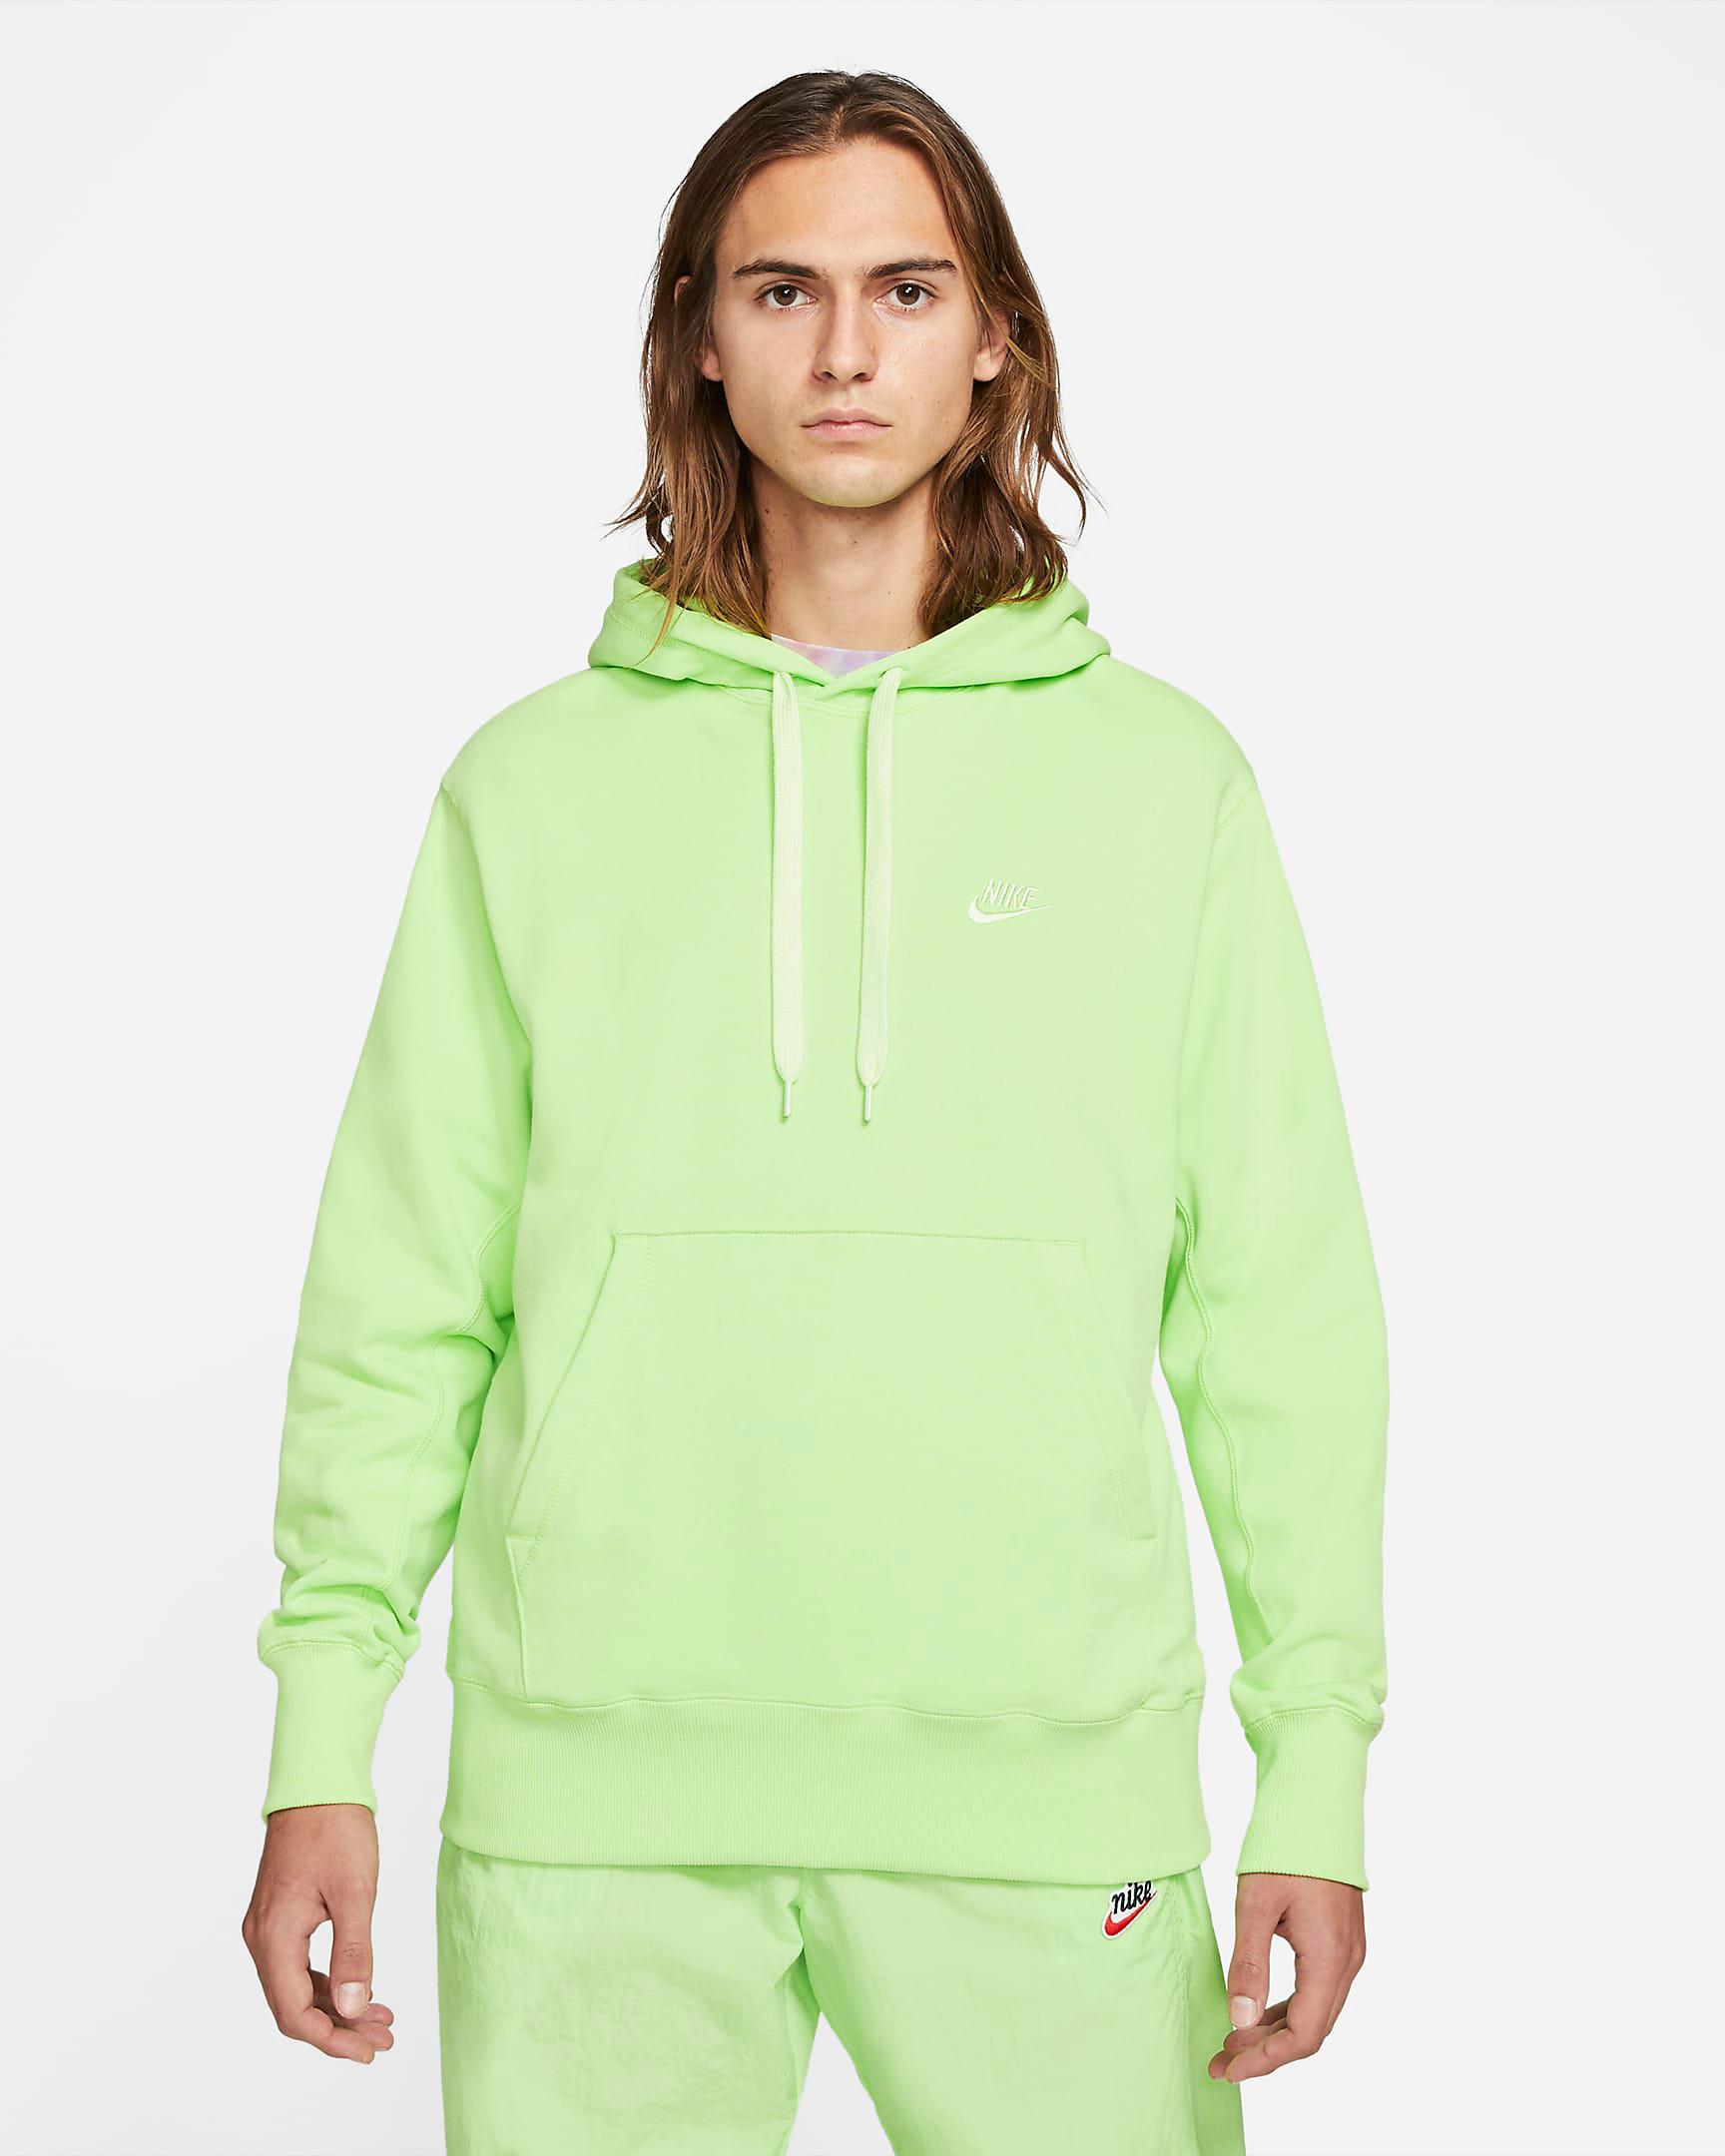 nike-liquid-lime-hoodie